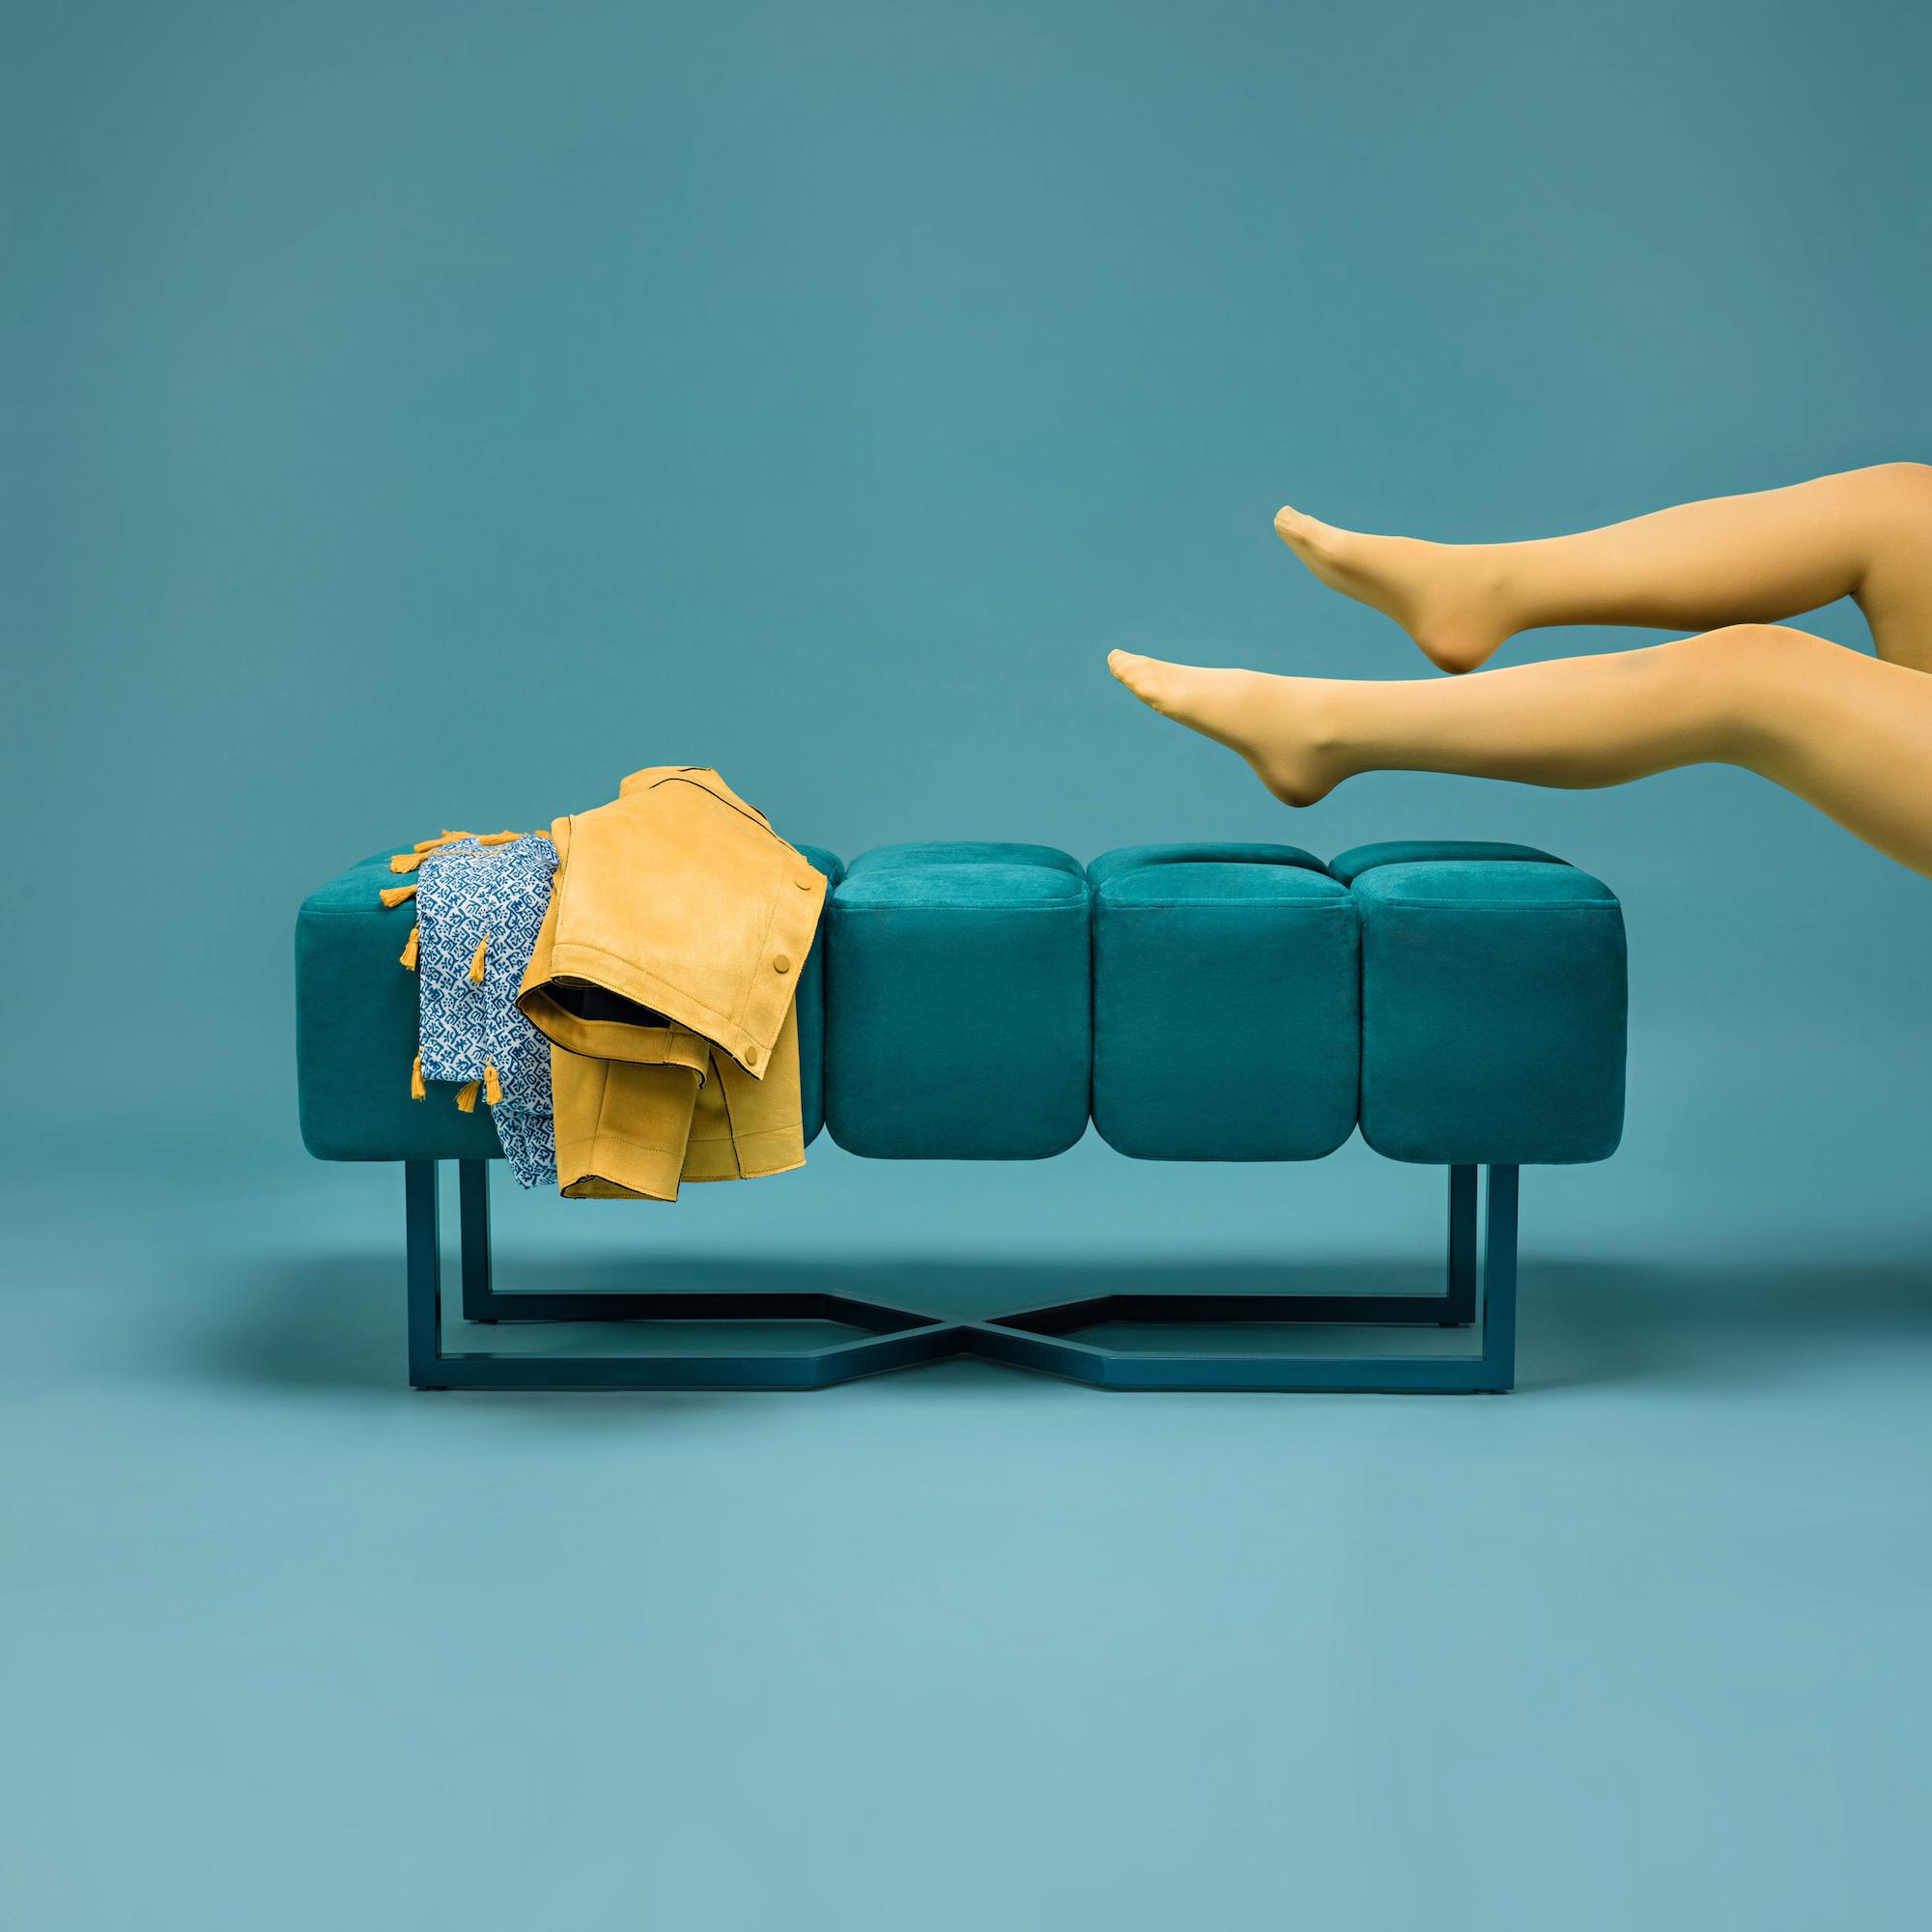 Puffy_oceangreen_legs 2